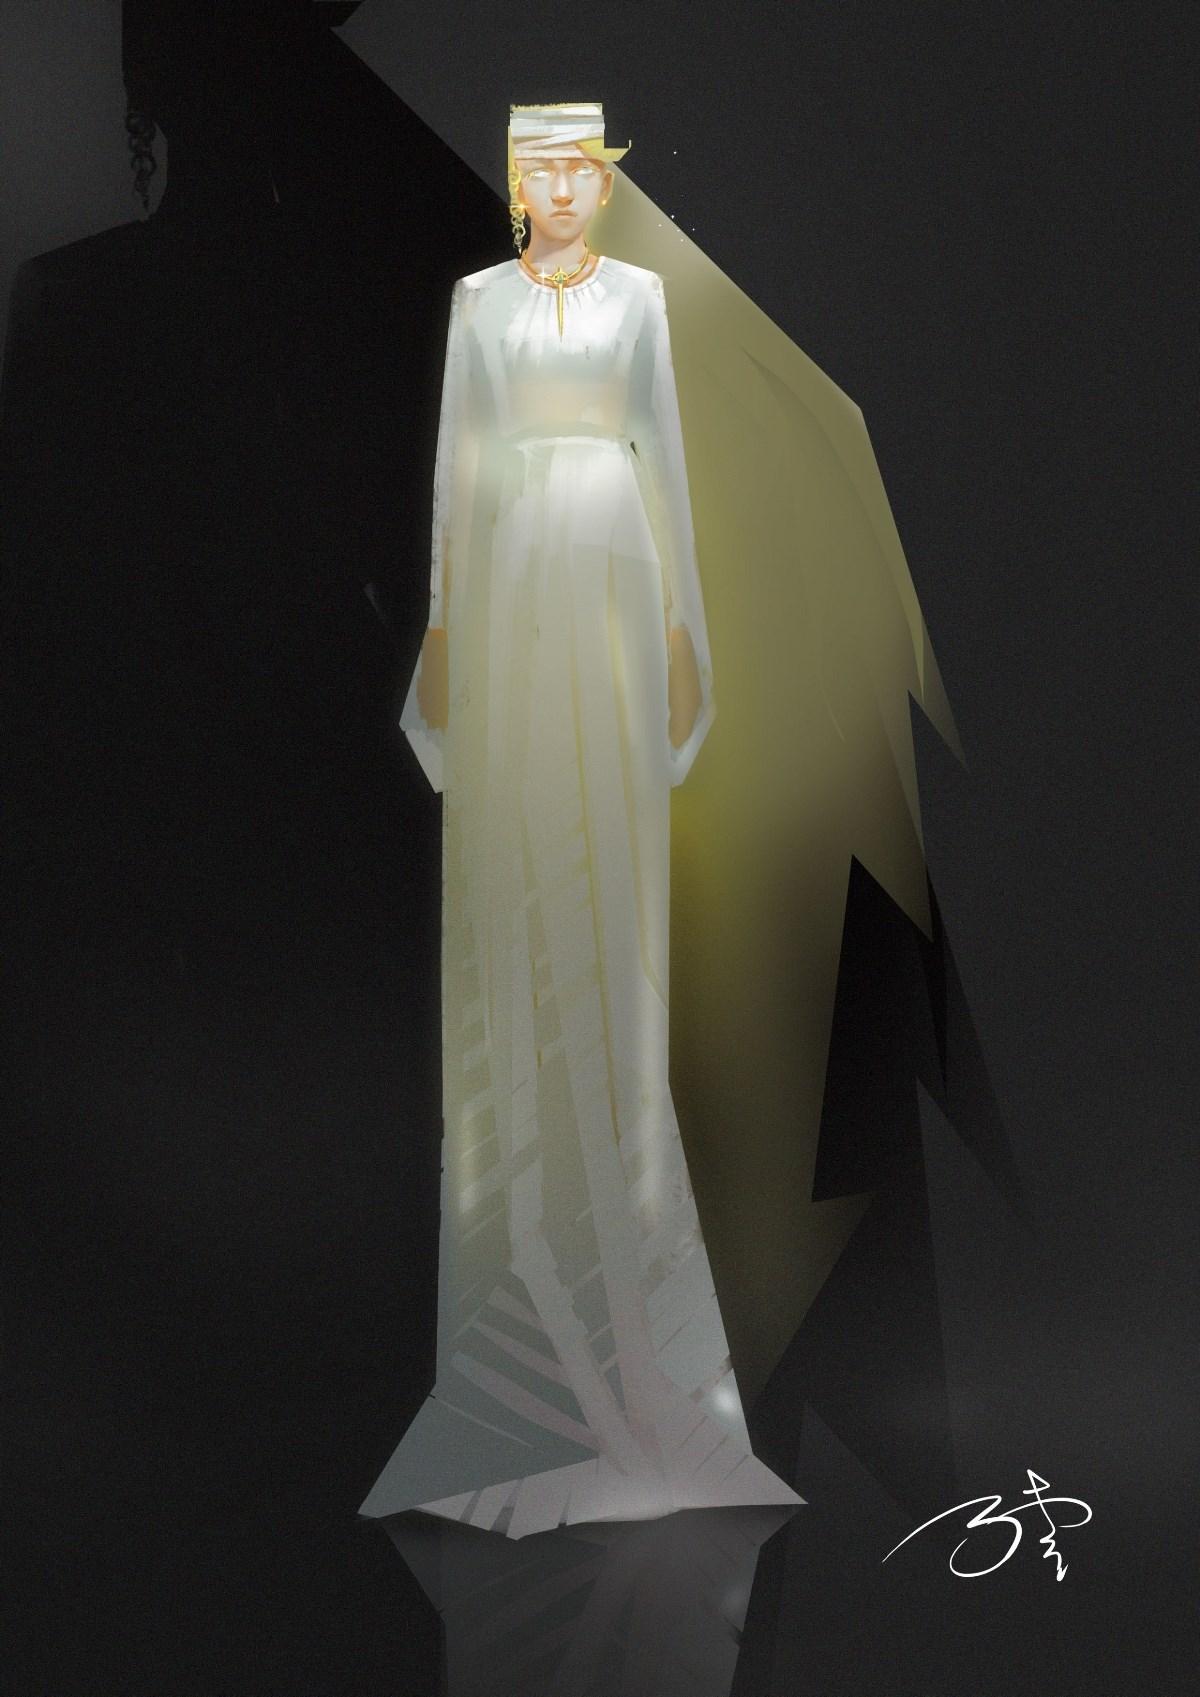 记得你和我说过,你想穿着白色婚纱,我牵着你的手飞翔在绿色海浪中。